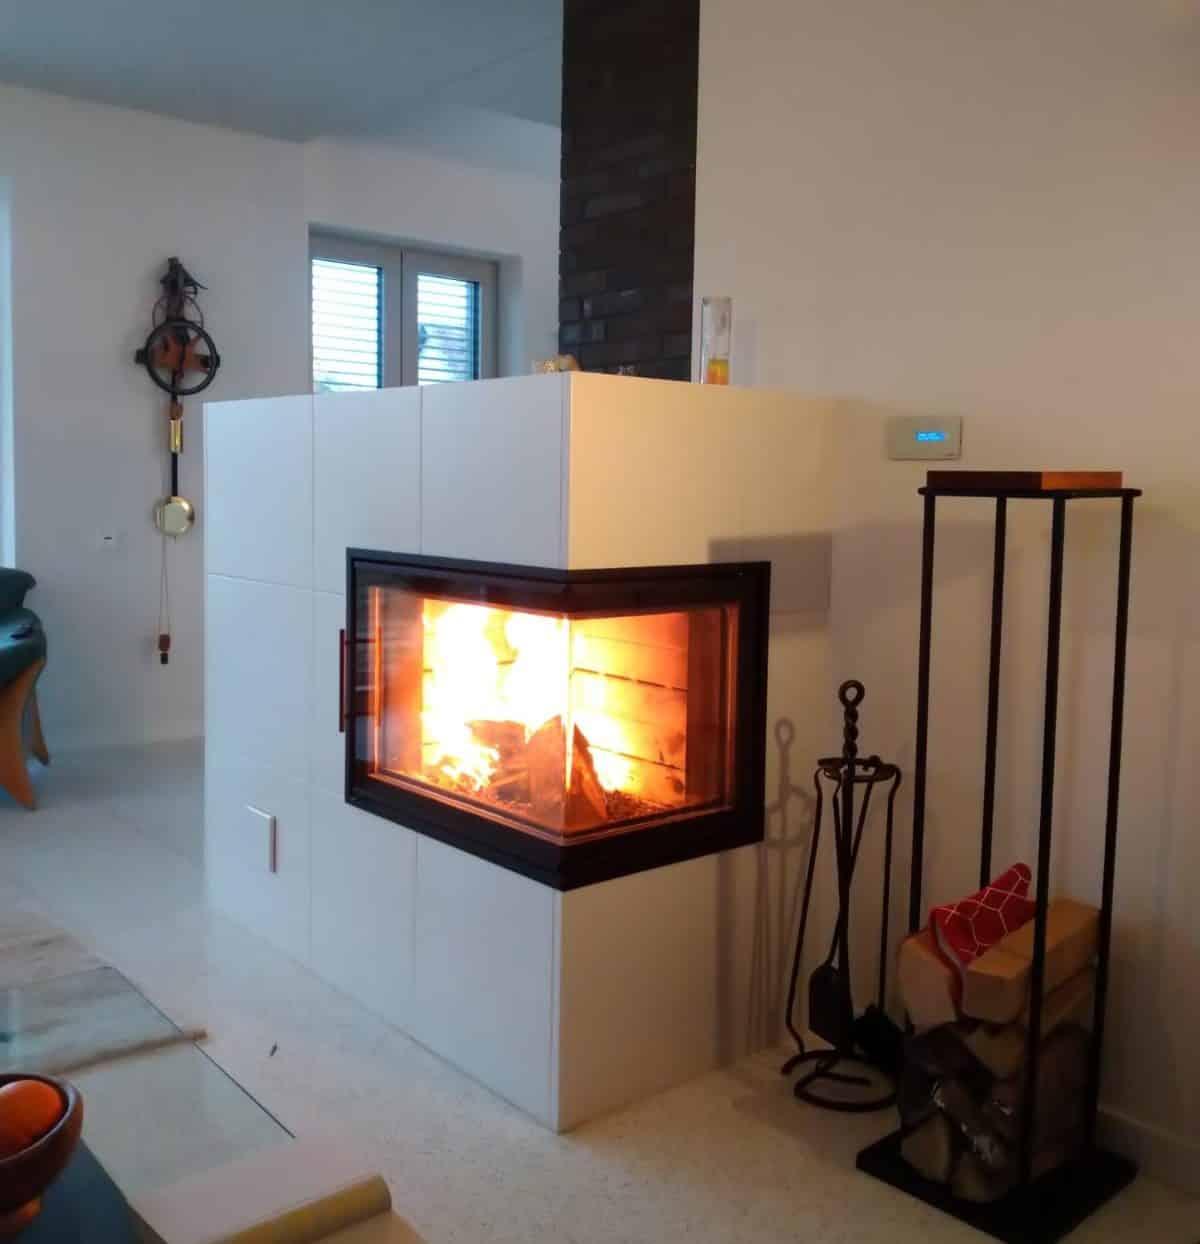 Ein Speicherofen mit weißer Keramik und in dem ein Feuer brennt. Ein Feuerbesteck steht davor.